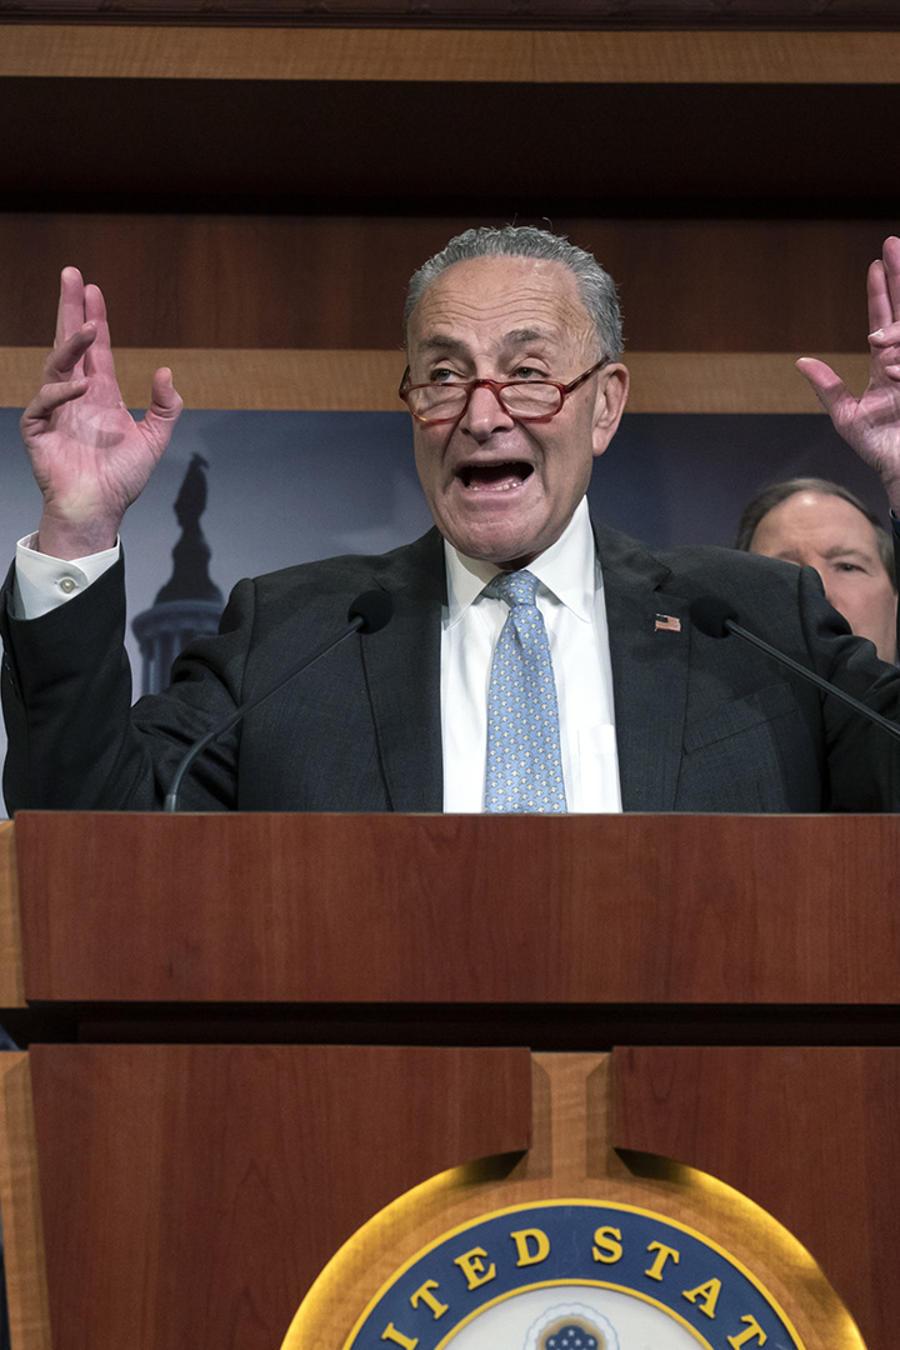 El líder de la minoría en el senado, Chuck Schumer.